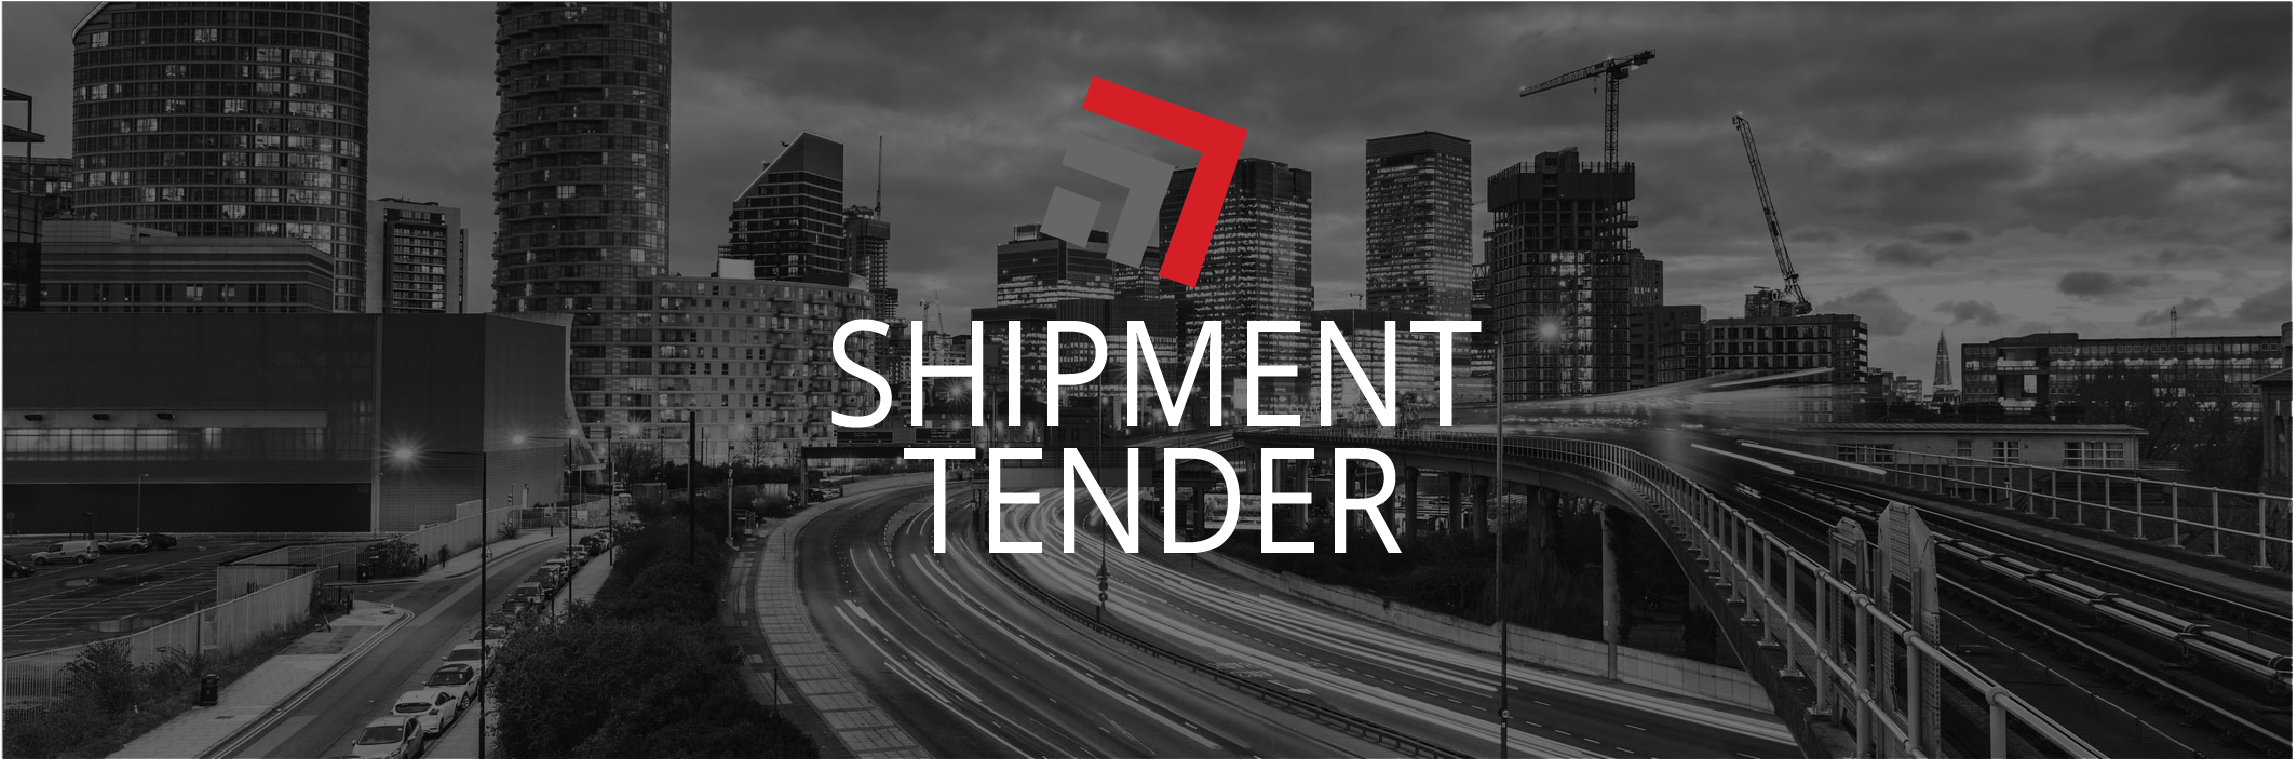 Shipment Tender